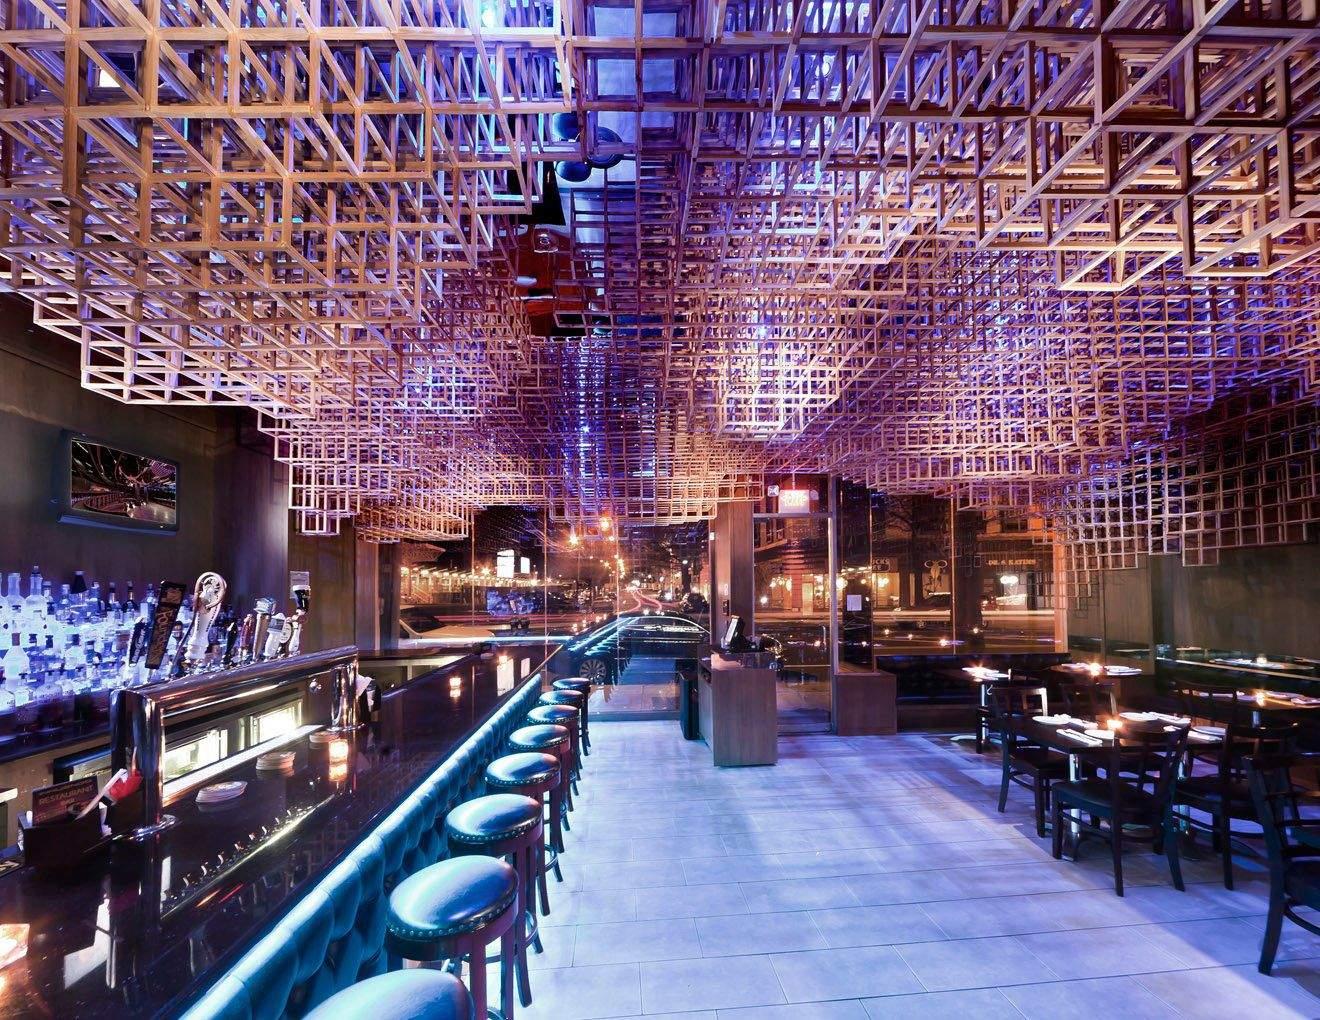 Потолок состоит из геометрических форм